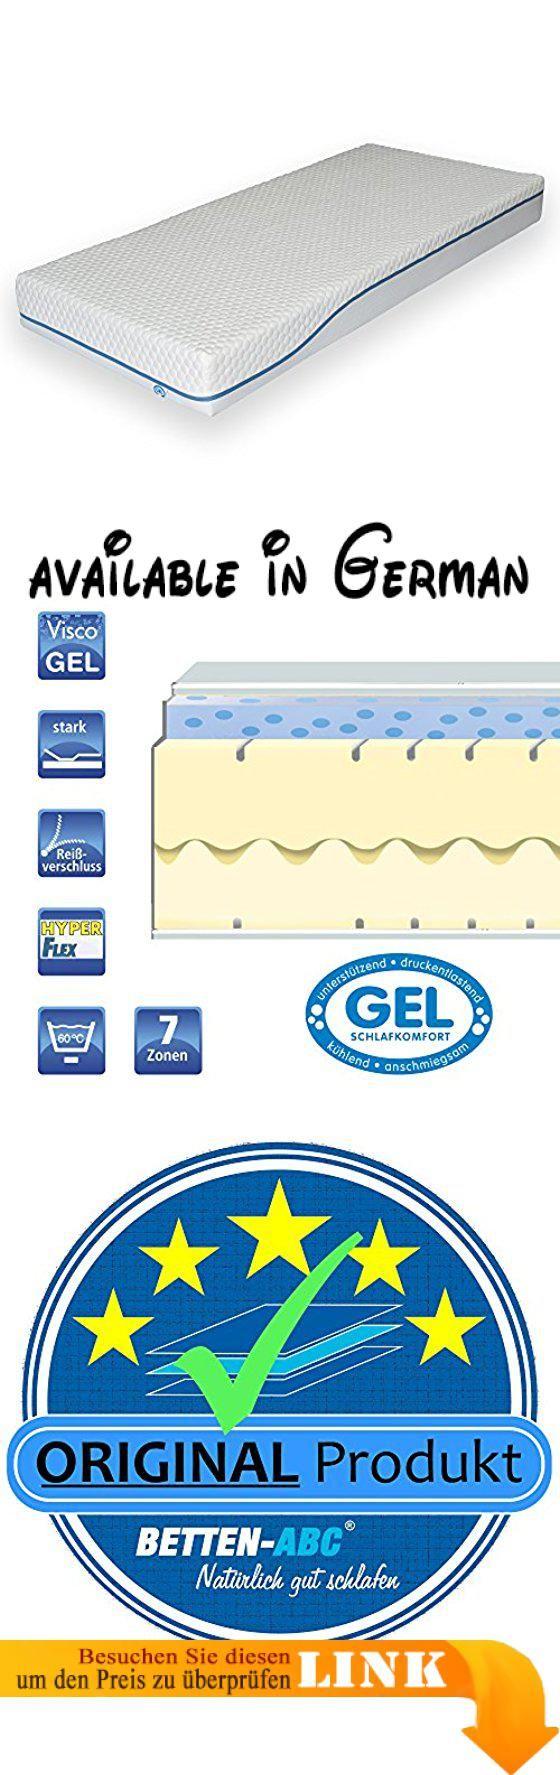 B018SHBYEC : Gelmatratze mit Viscokern OrthoMatra GEL 1.0 von Betten-ABC mit 2-teiligem Hyperflex-Kern 7-Zonen - Grösse 90x200. Qualität aus dem Schwarzwald Made in Germany - Orthopädische 7-Zonen Visco-Gel-Matratze. mit 2-teiligem Hyperflex-Kern in 7-Zonen-Schnitt. Der Bezug ist unversteppt um ein optimales Liegeempfinden zu gewährleisten. Drell: 65 % Polyester /34 % Viscose 1% Elasthan